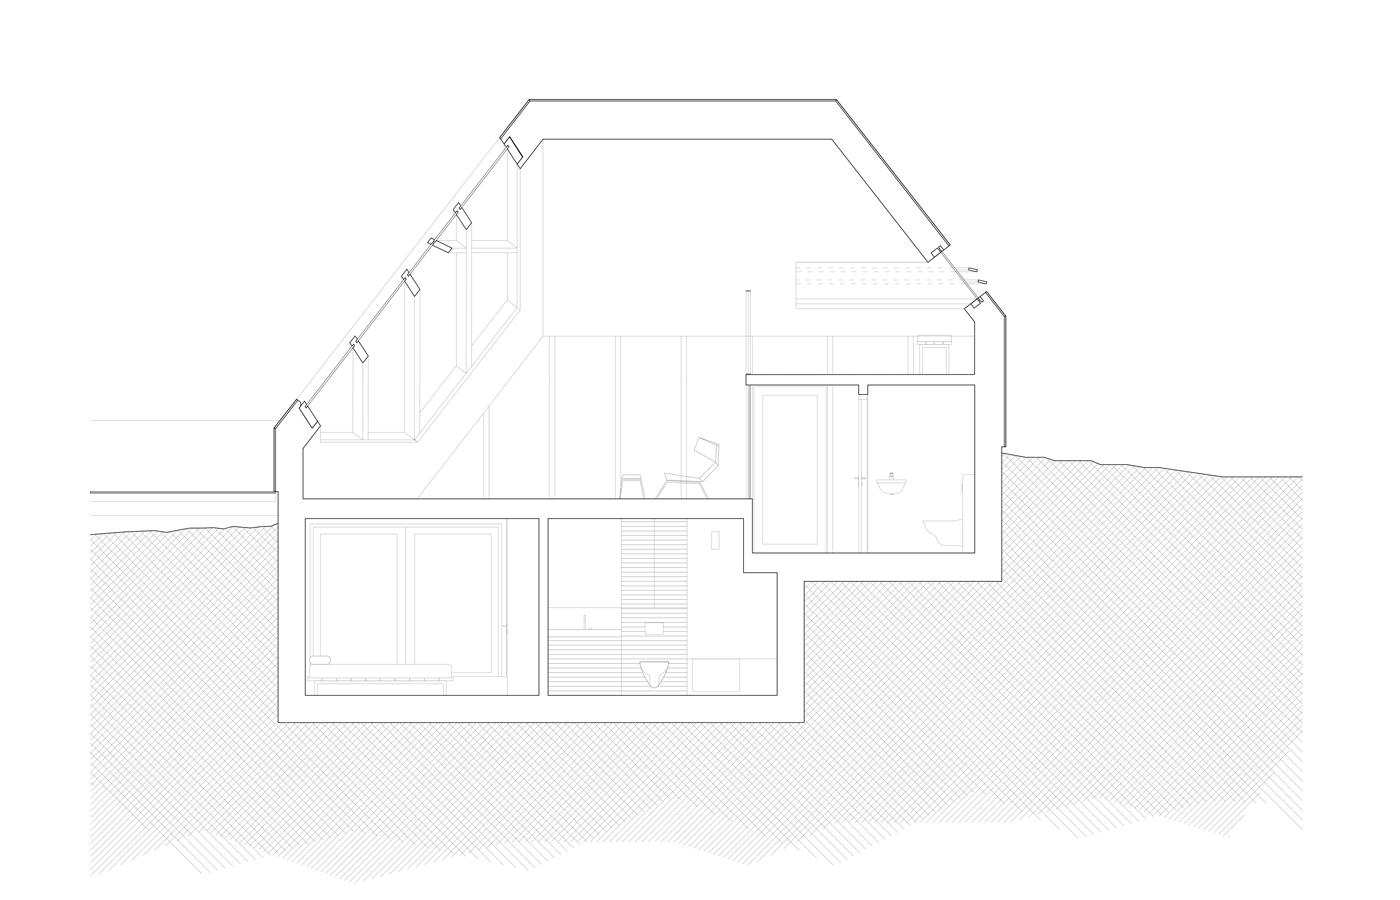 doorsnede-1.jpg